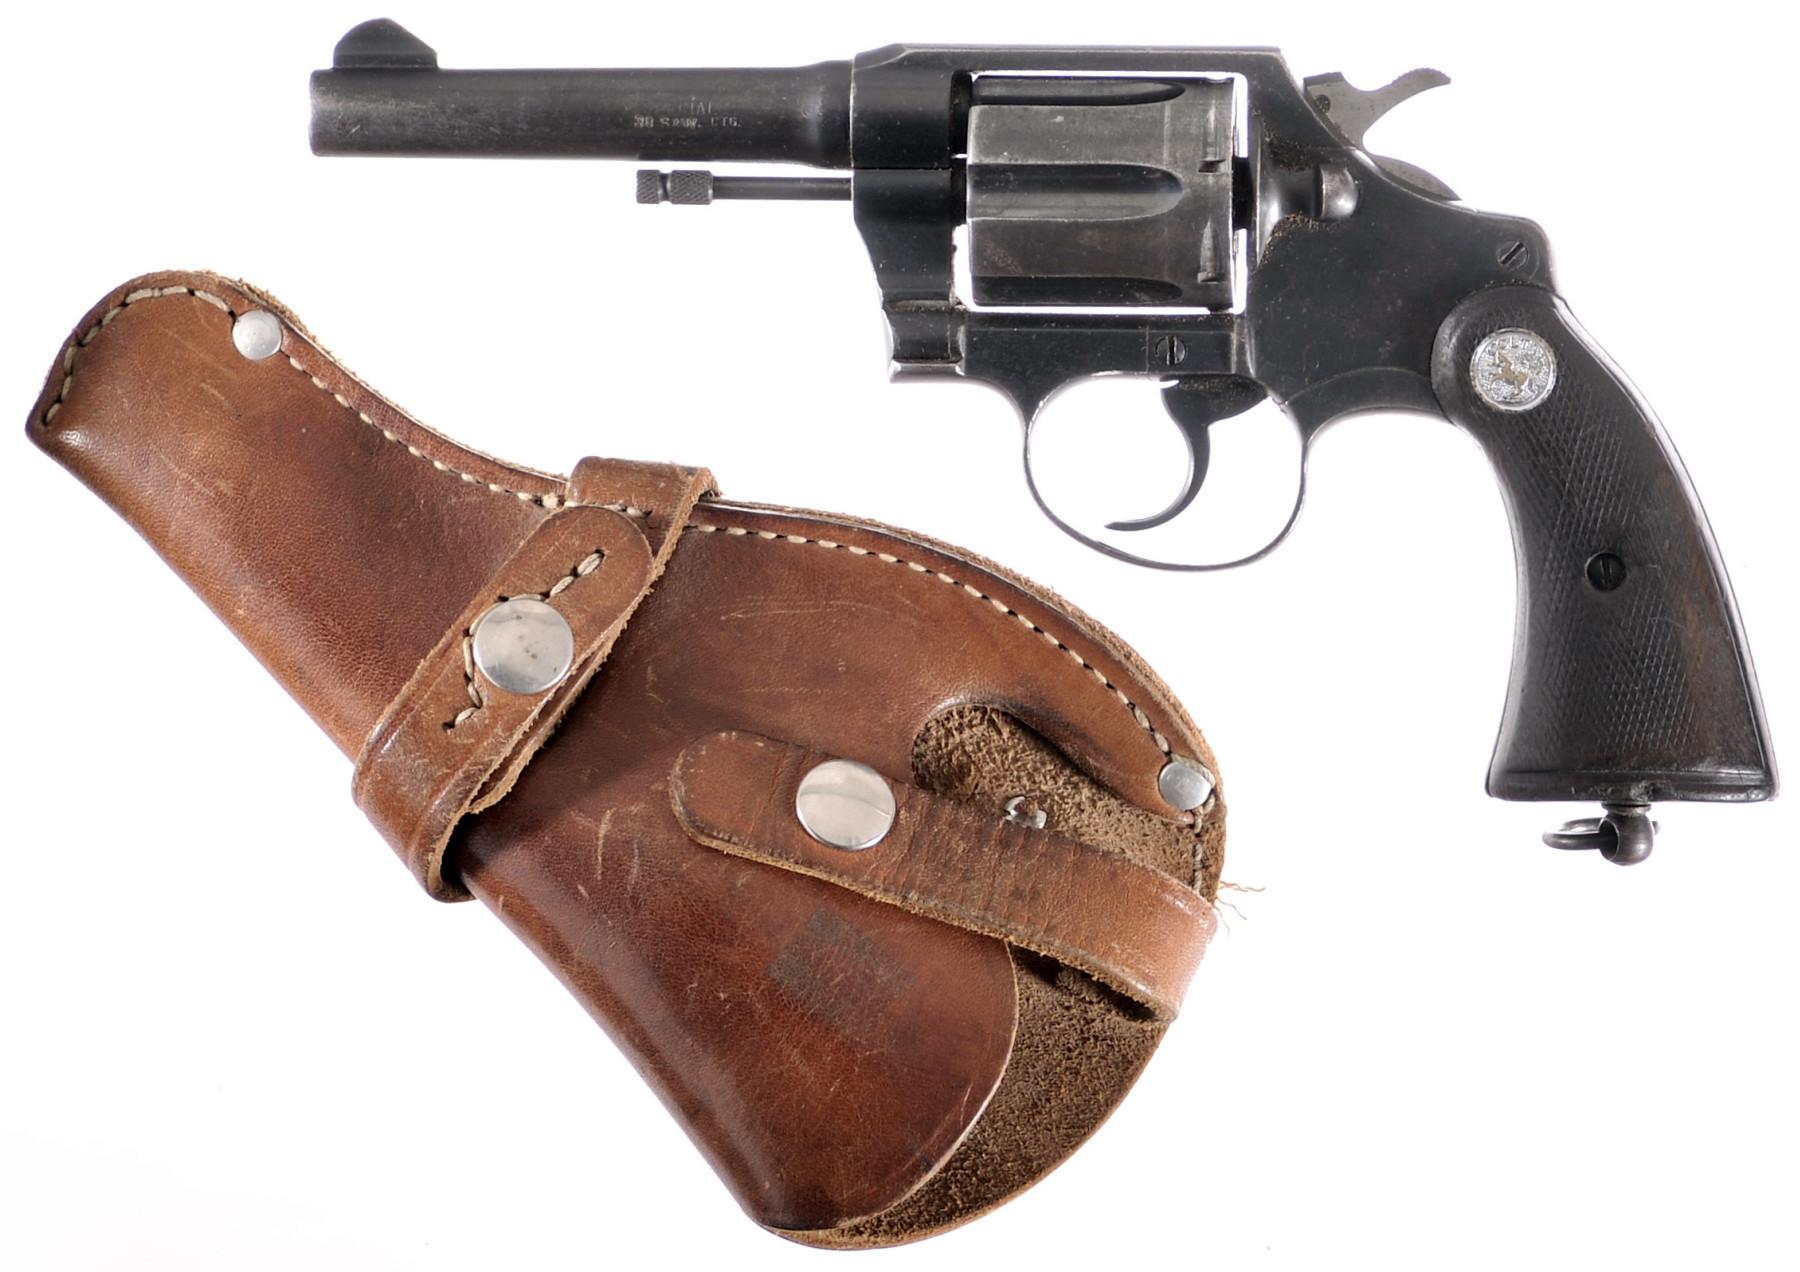 Некоторое из оружия, из чего стреляли в Первых лиц Государств. Часть 5 Рузвельт, президента, Чермак, вспомнить, покушения, Дзангара, речью, Тедди, Джузеппе, патрон, президент, жизни, дюйма, револьвер, говорили, когда, линии, Франклин, пистолета, Чикаго